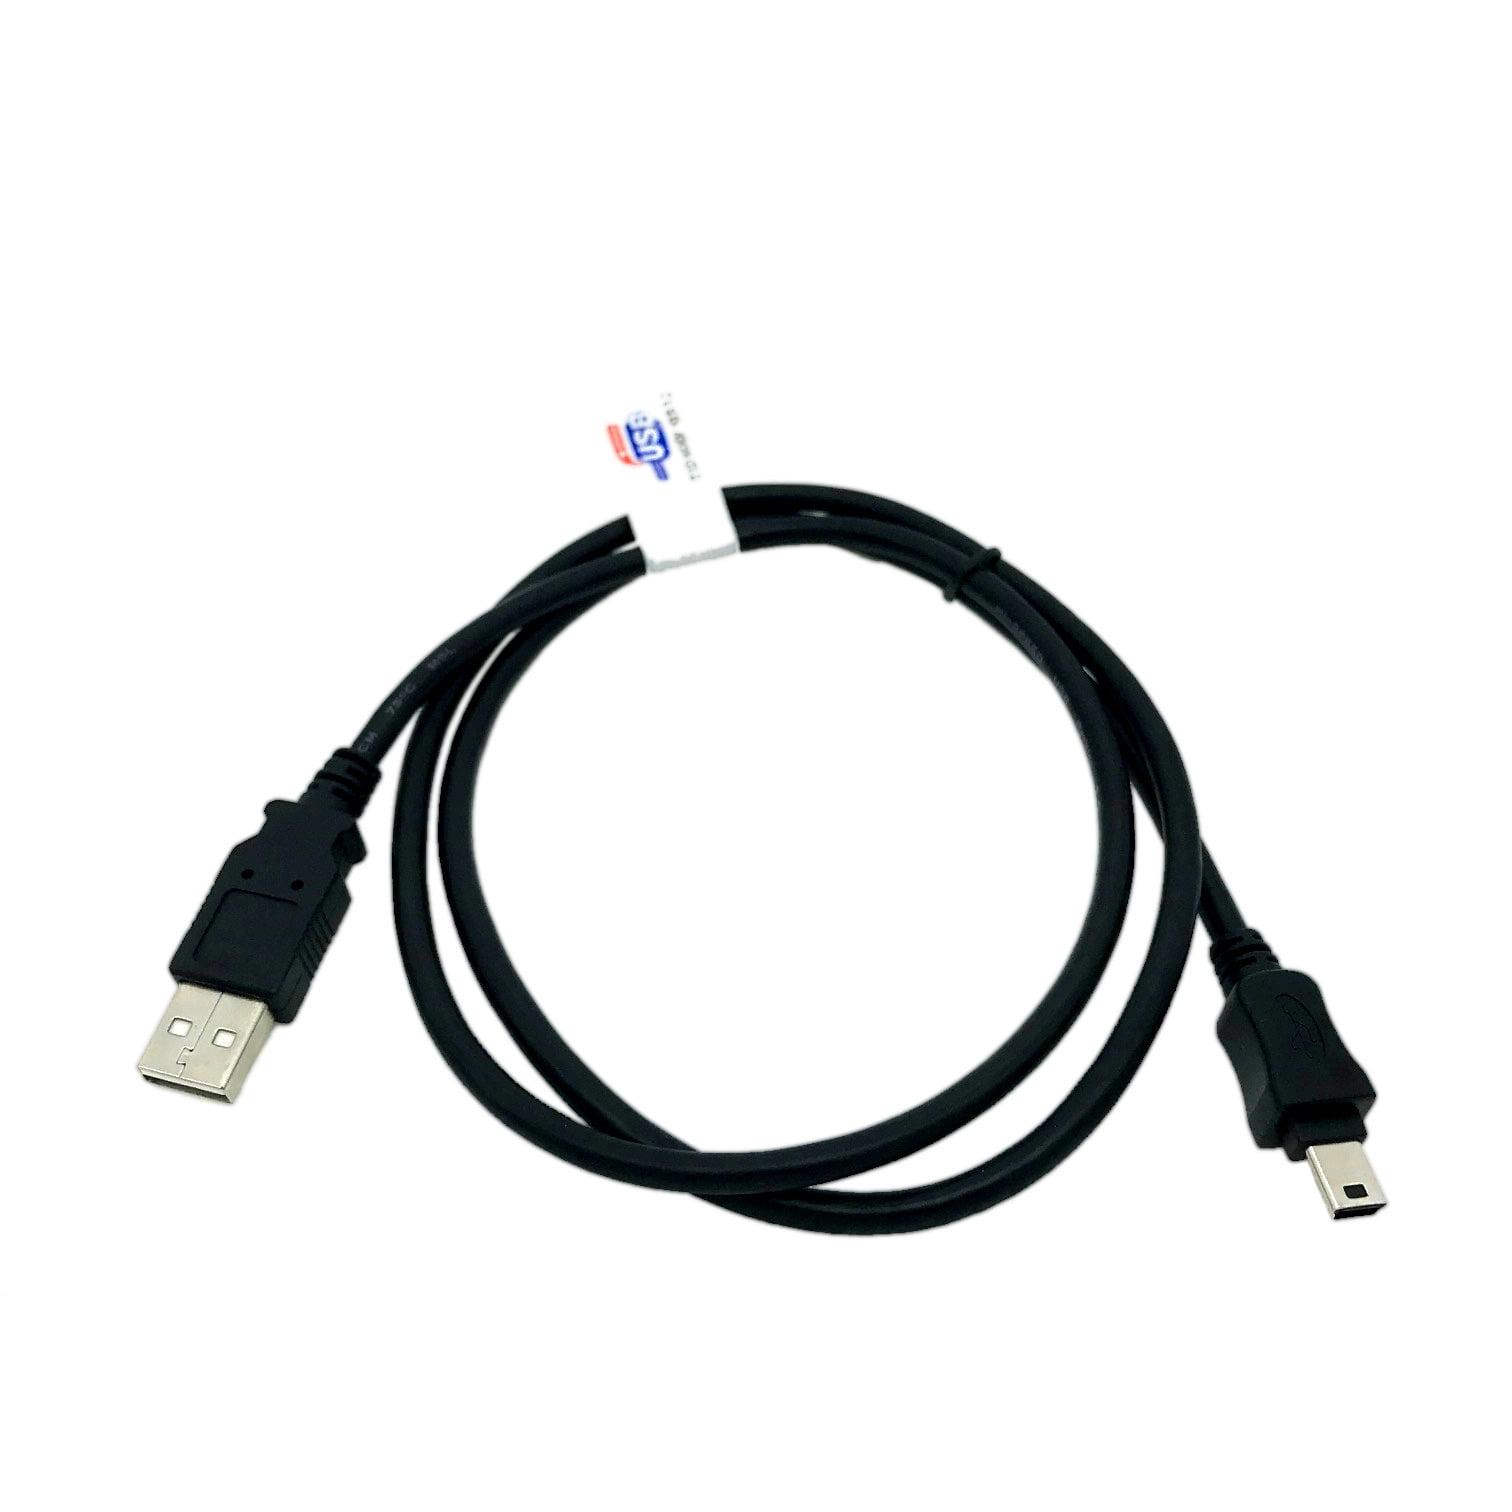 Kentek 3 Feet FT USB Data SYNC Charge Cable Cord For Motorola ROKR Z6, SLVR L2, V Series V1050